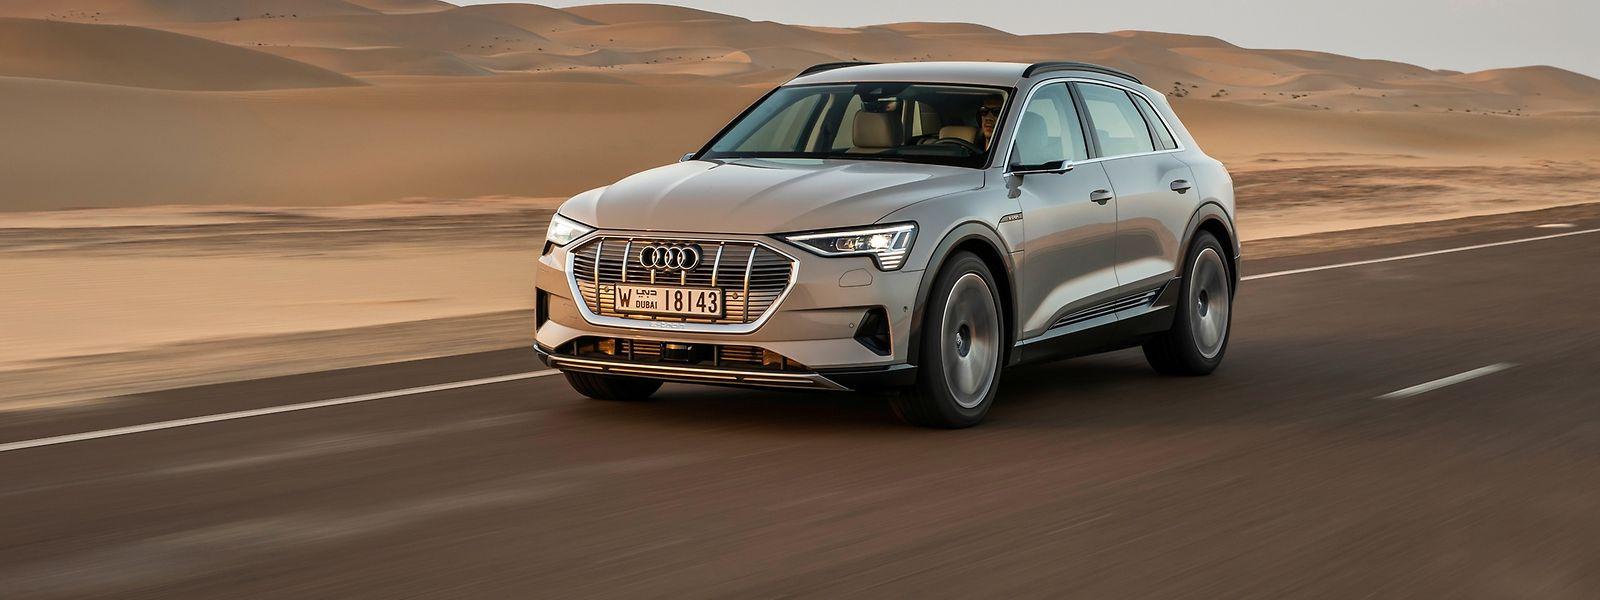 Der e-tron ist laut Audi ein Elektro-SUV für Sport, Familie und Freizeit.